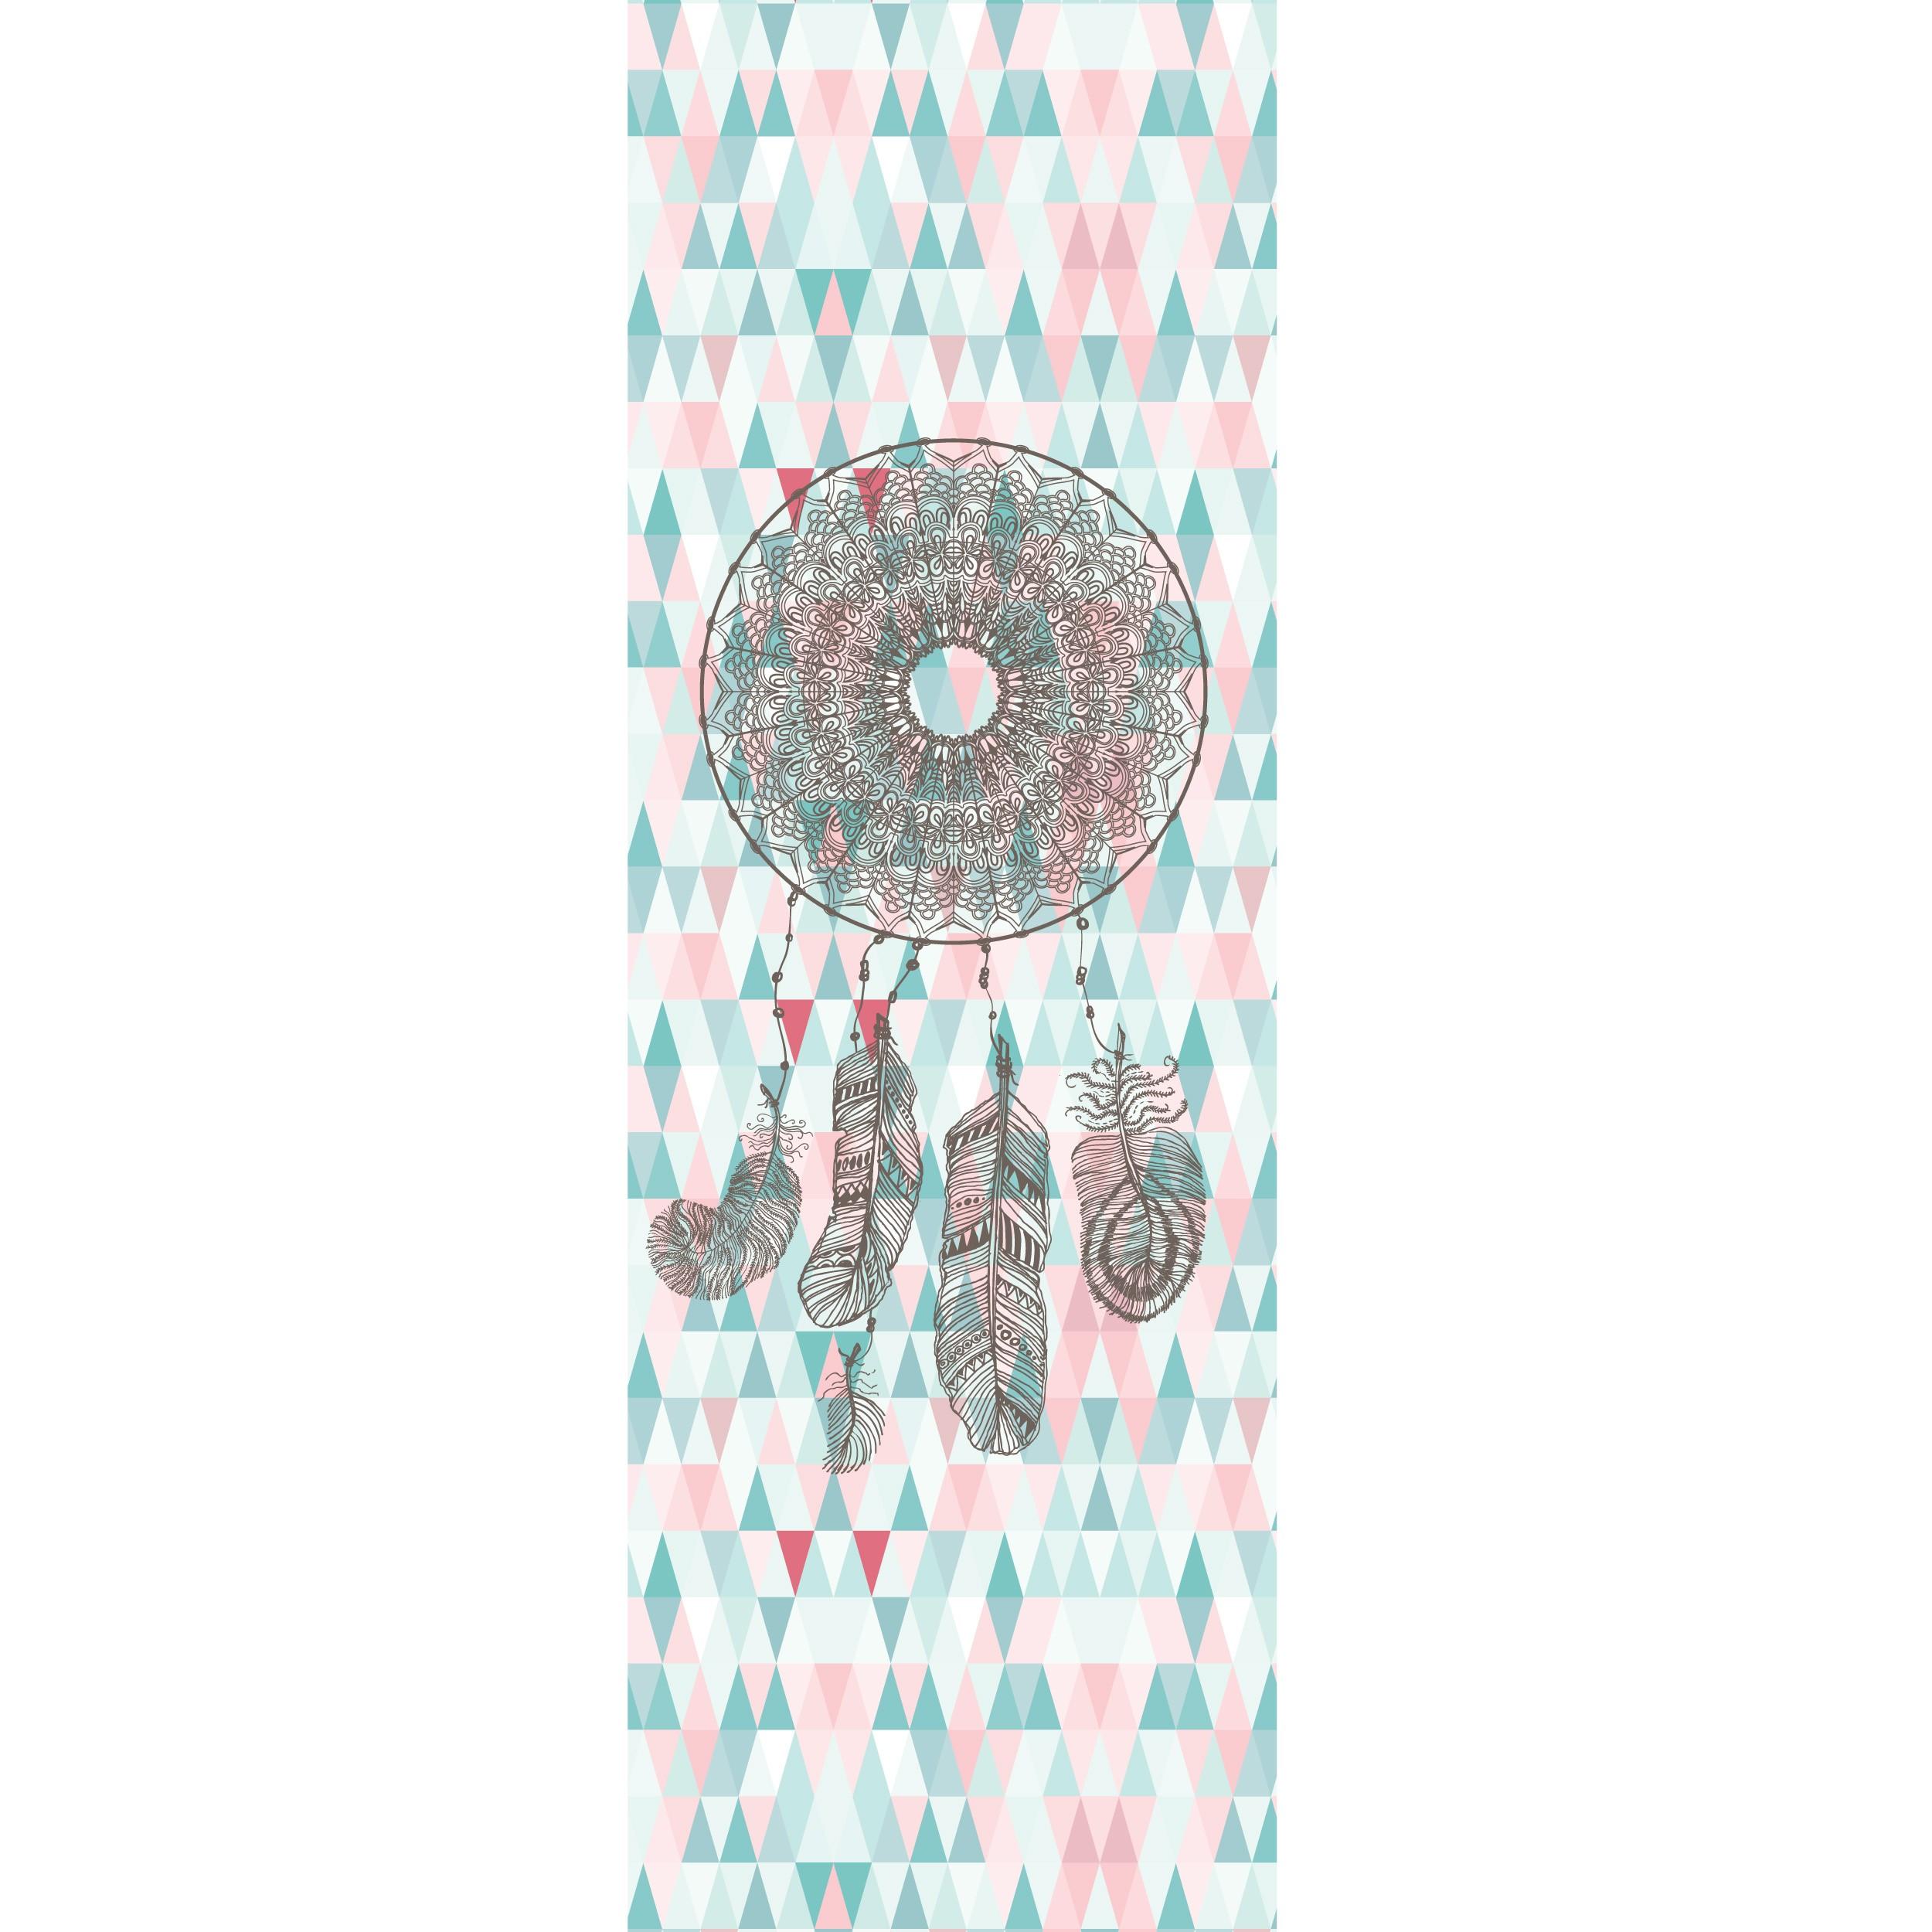 achat le motifs indien rose bleu